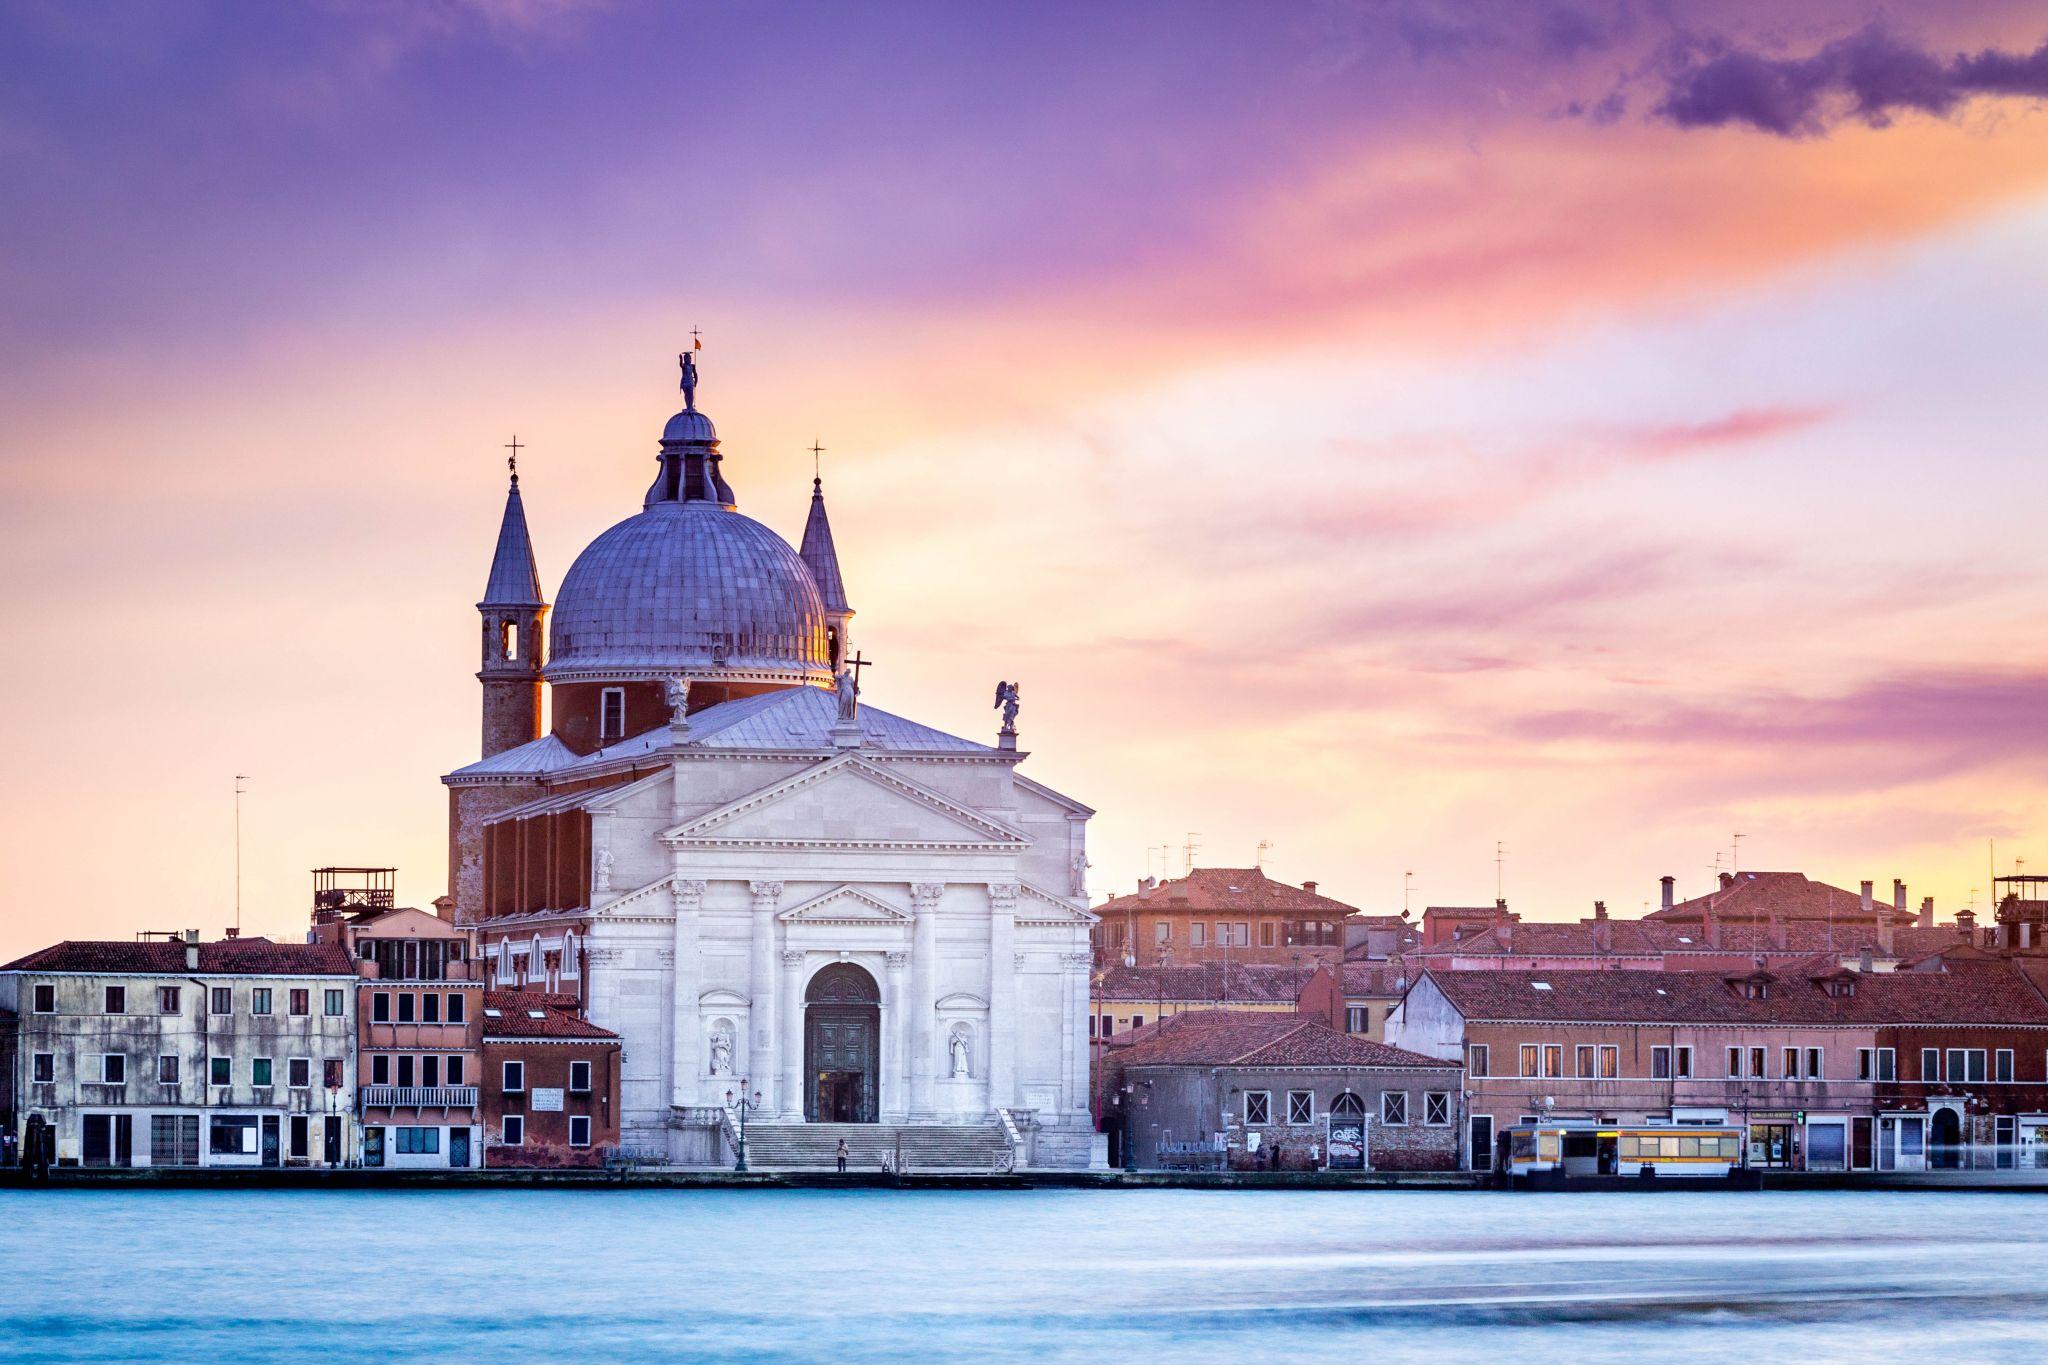 View at Giudecca, Italy